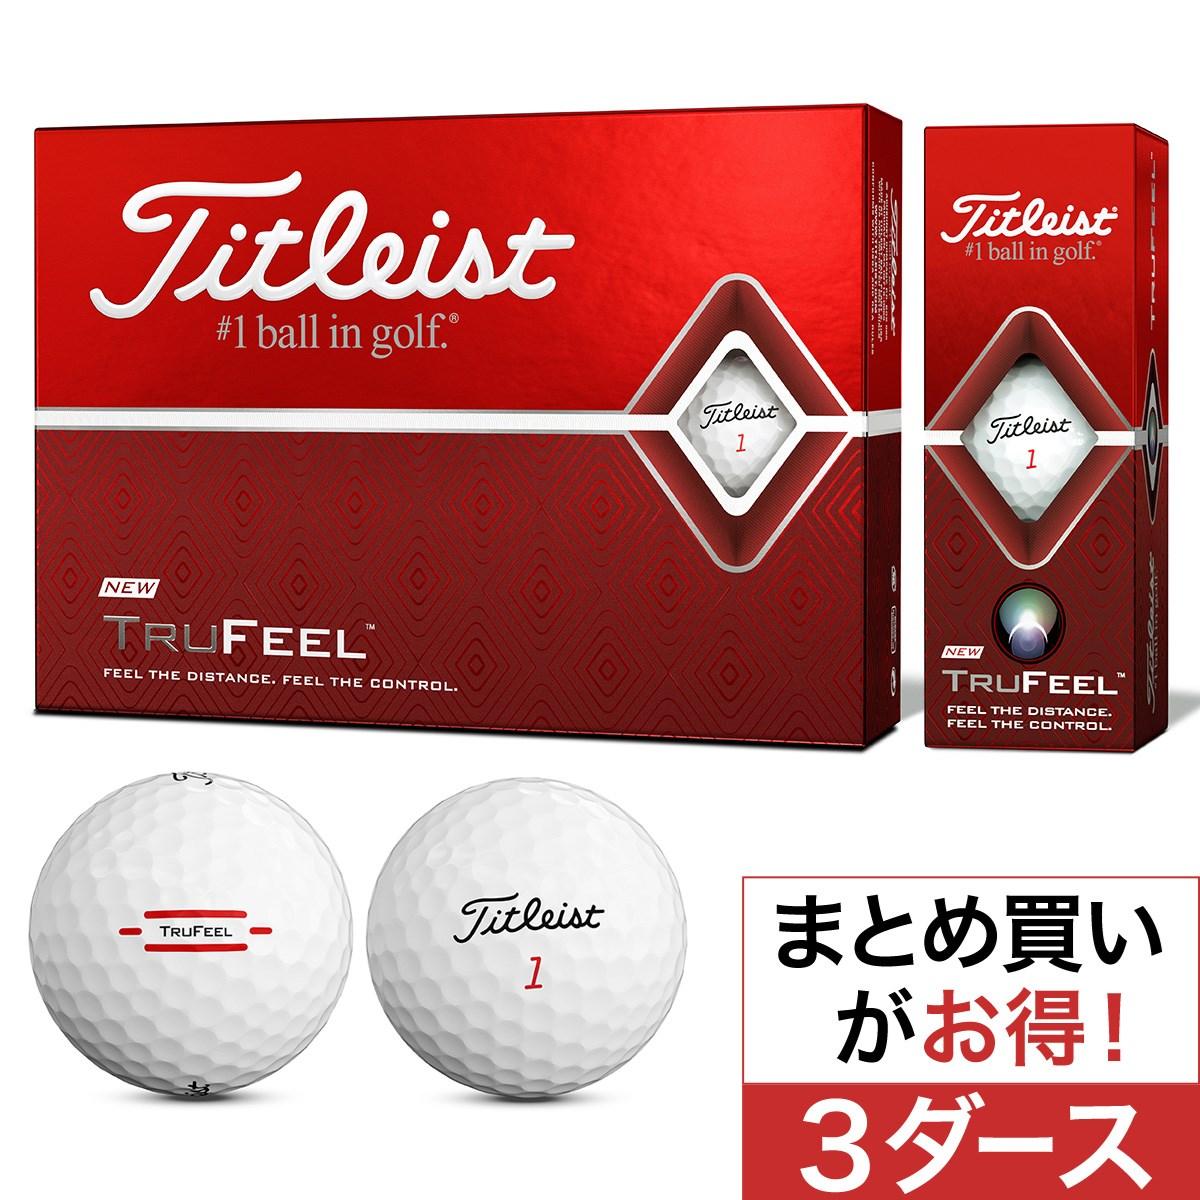 タイトリスト(Titleist) TRUFEEL ボール 3ダースセット